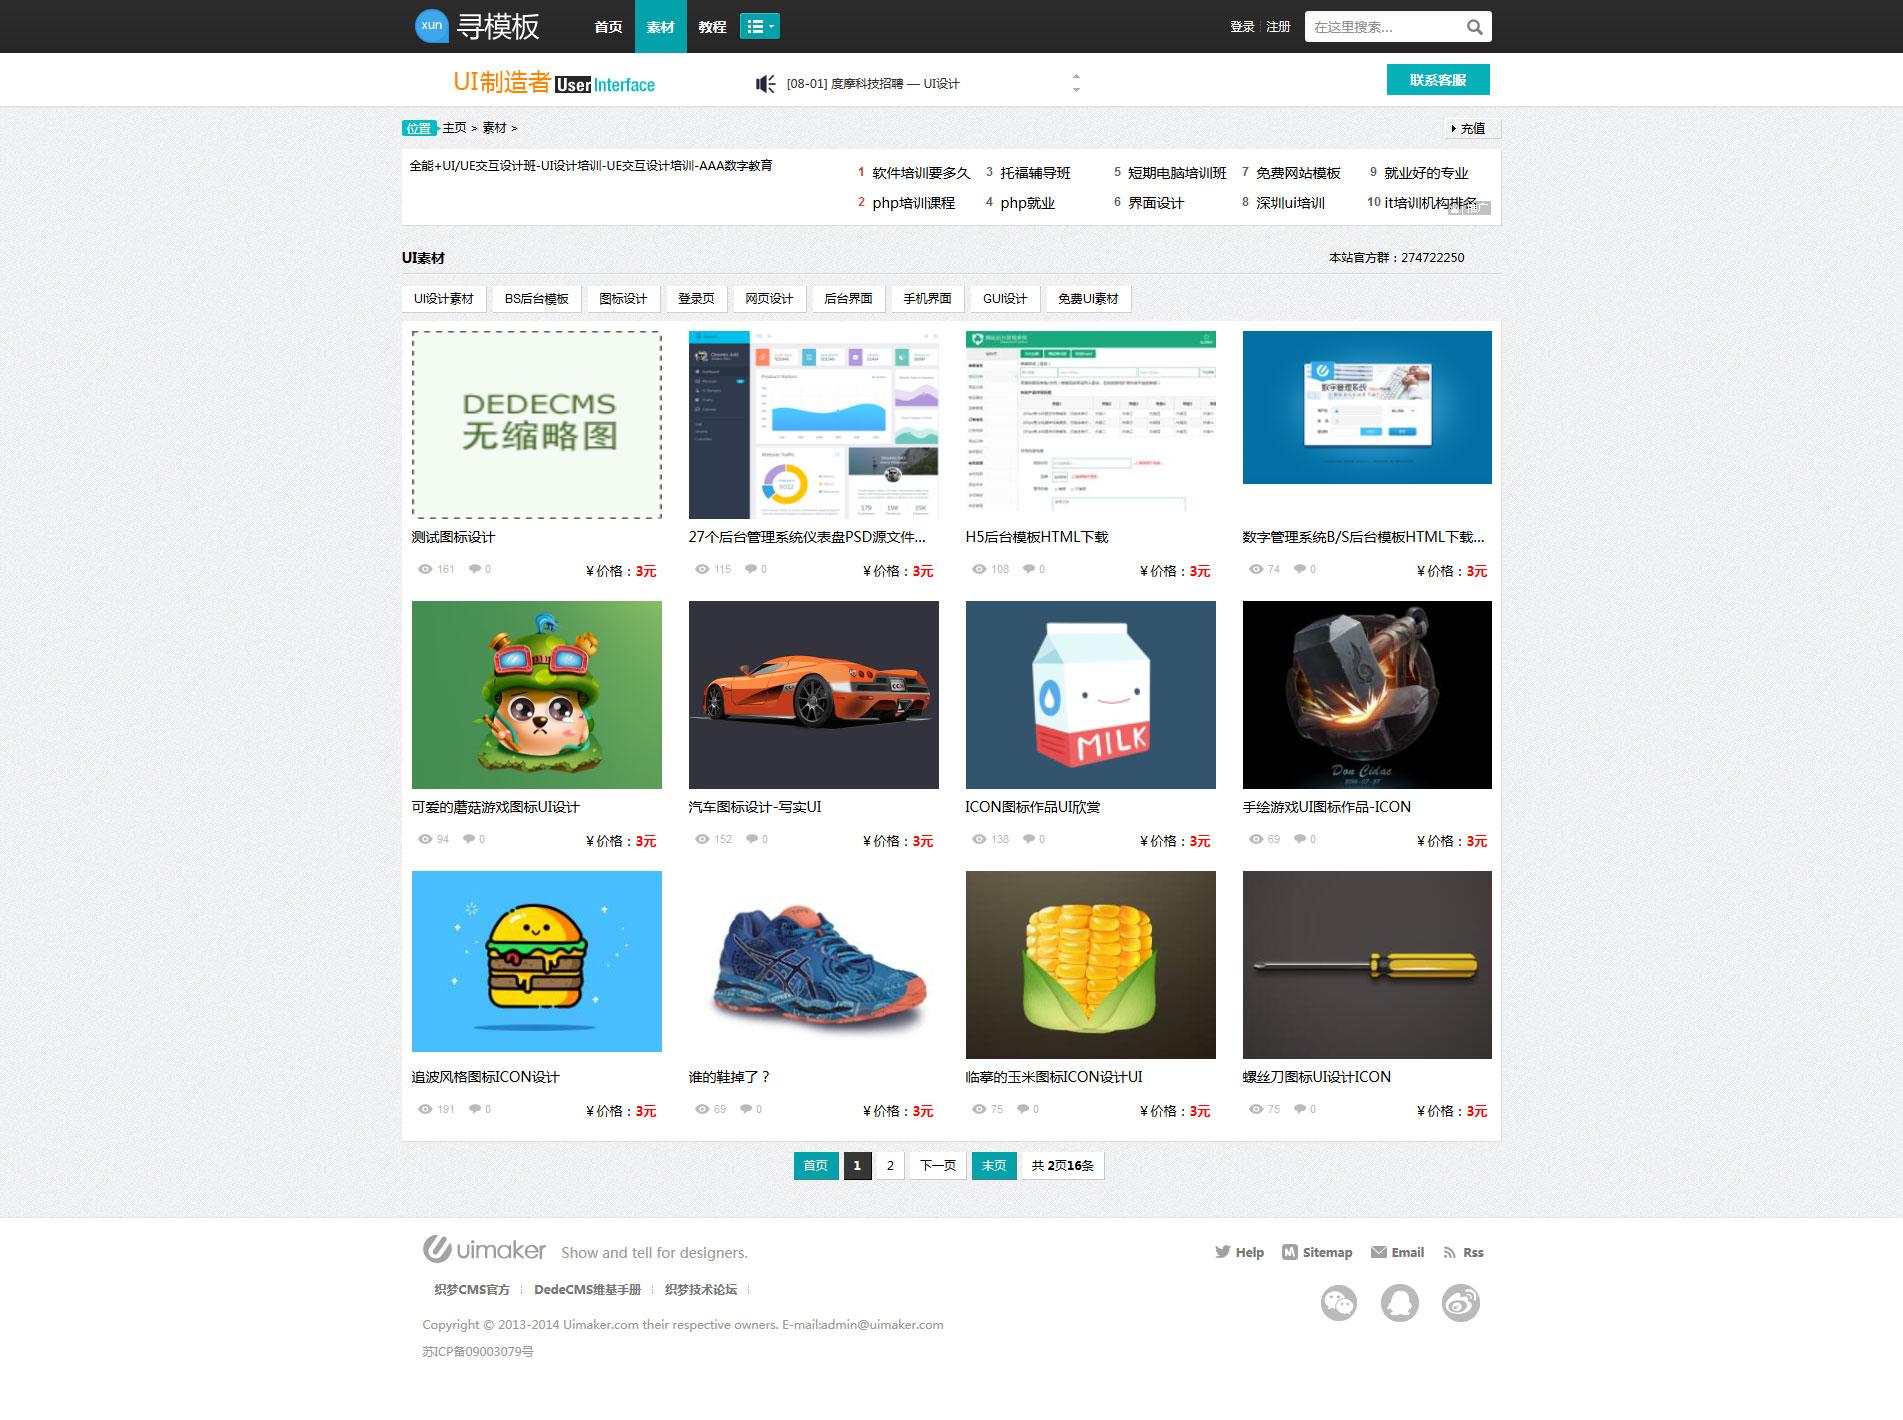 模板详情: 采用全新织梦GBK内核制作,本套模板的代码设置非常简洁而且不是很多,主要元素为黑蓝配色 使用了不少的jquery动态效果,而且界面的设计非常的清爽 主要适用于:图片网站,ps设计教程网站,素材特效下载网站,可用于收费下载站,设定多种会员下载收费制度 广告位设置合理,不会过于复杂,完全不影响用户的体验,所有功能已经设置完整,直接下载就可以使用了